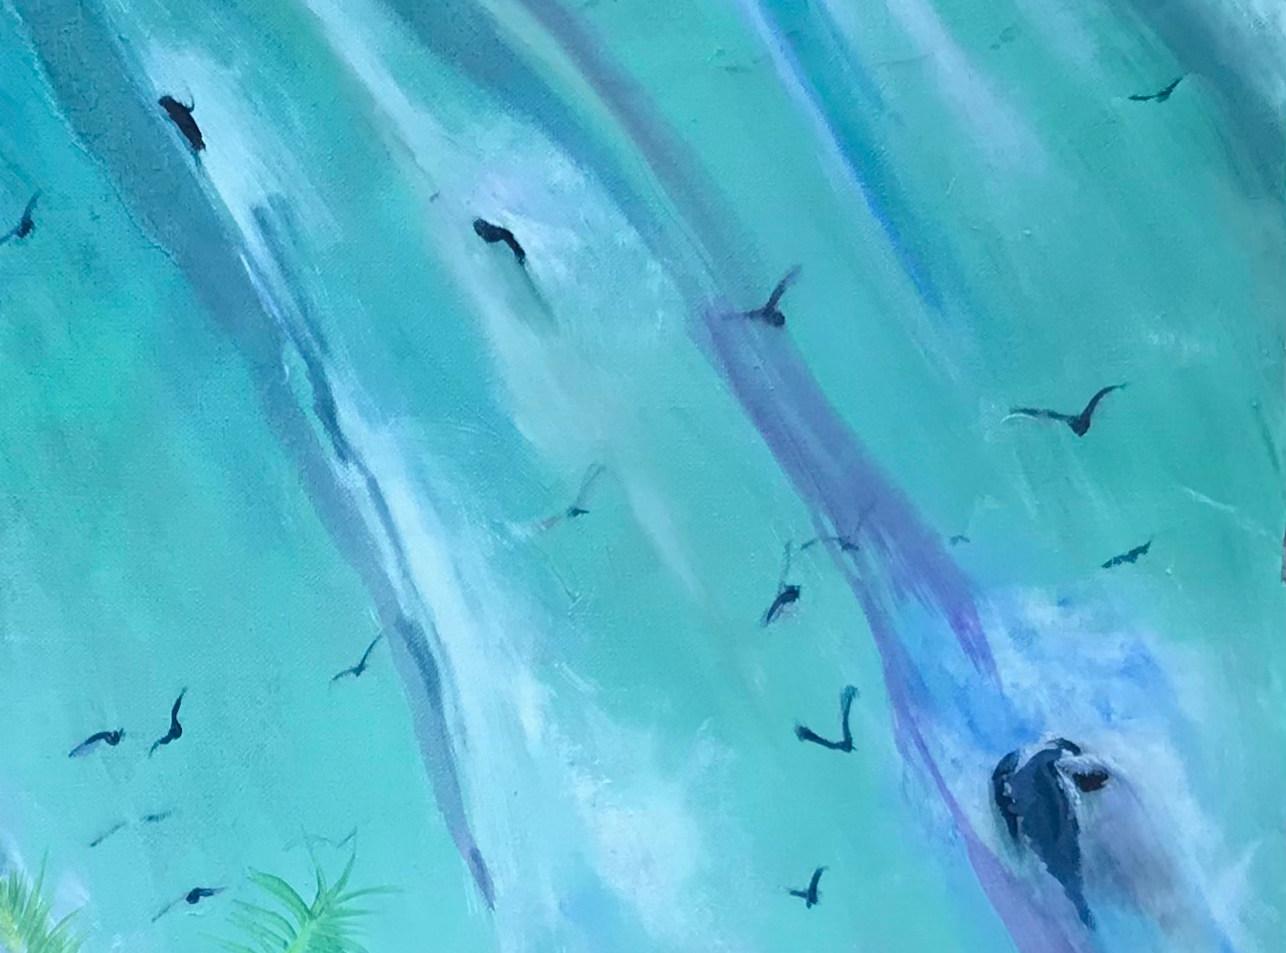 Herinnering aan de watervallen van de Iguaçu